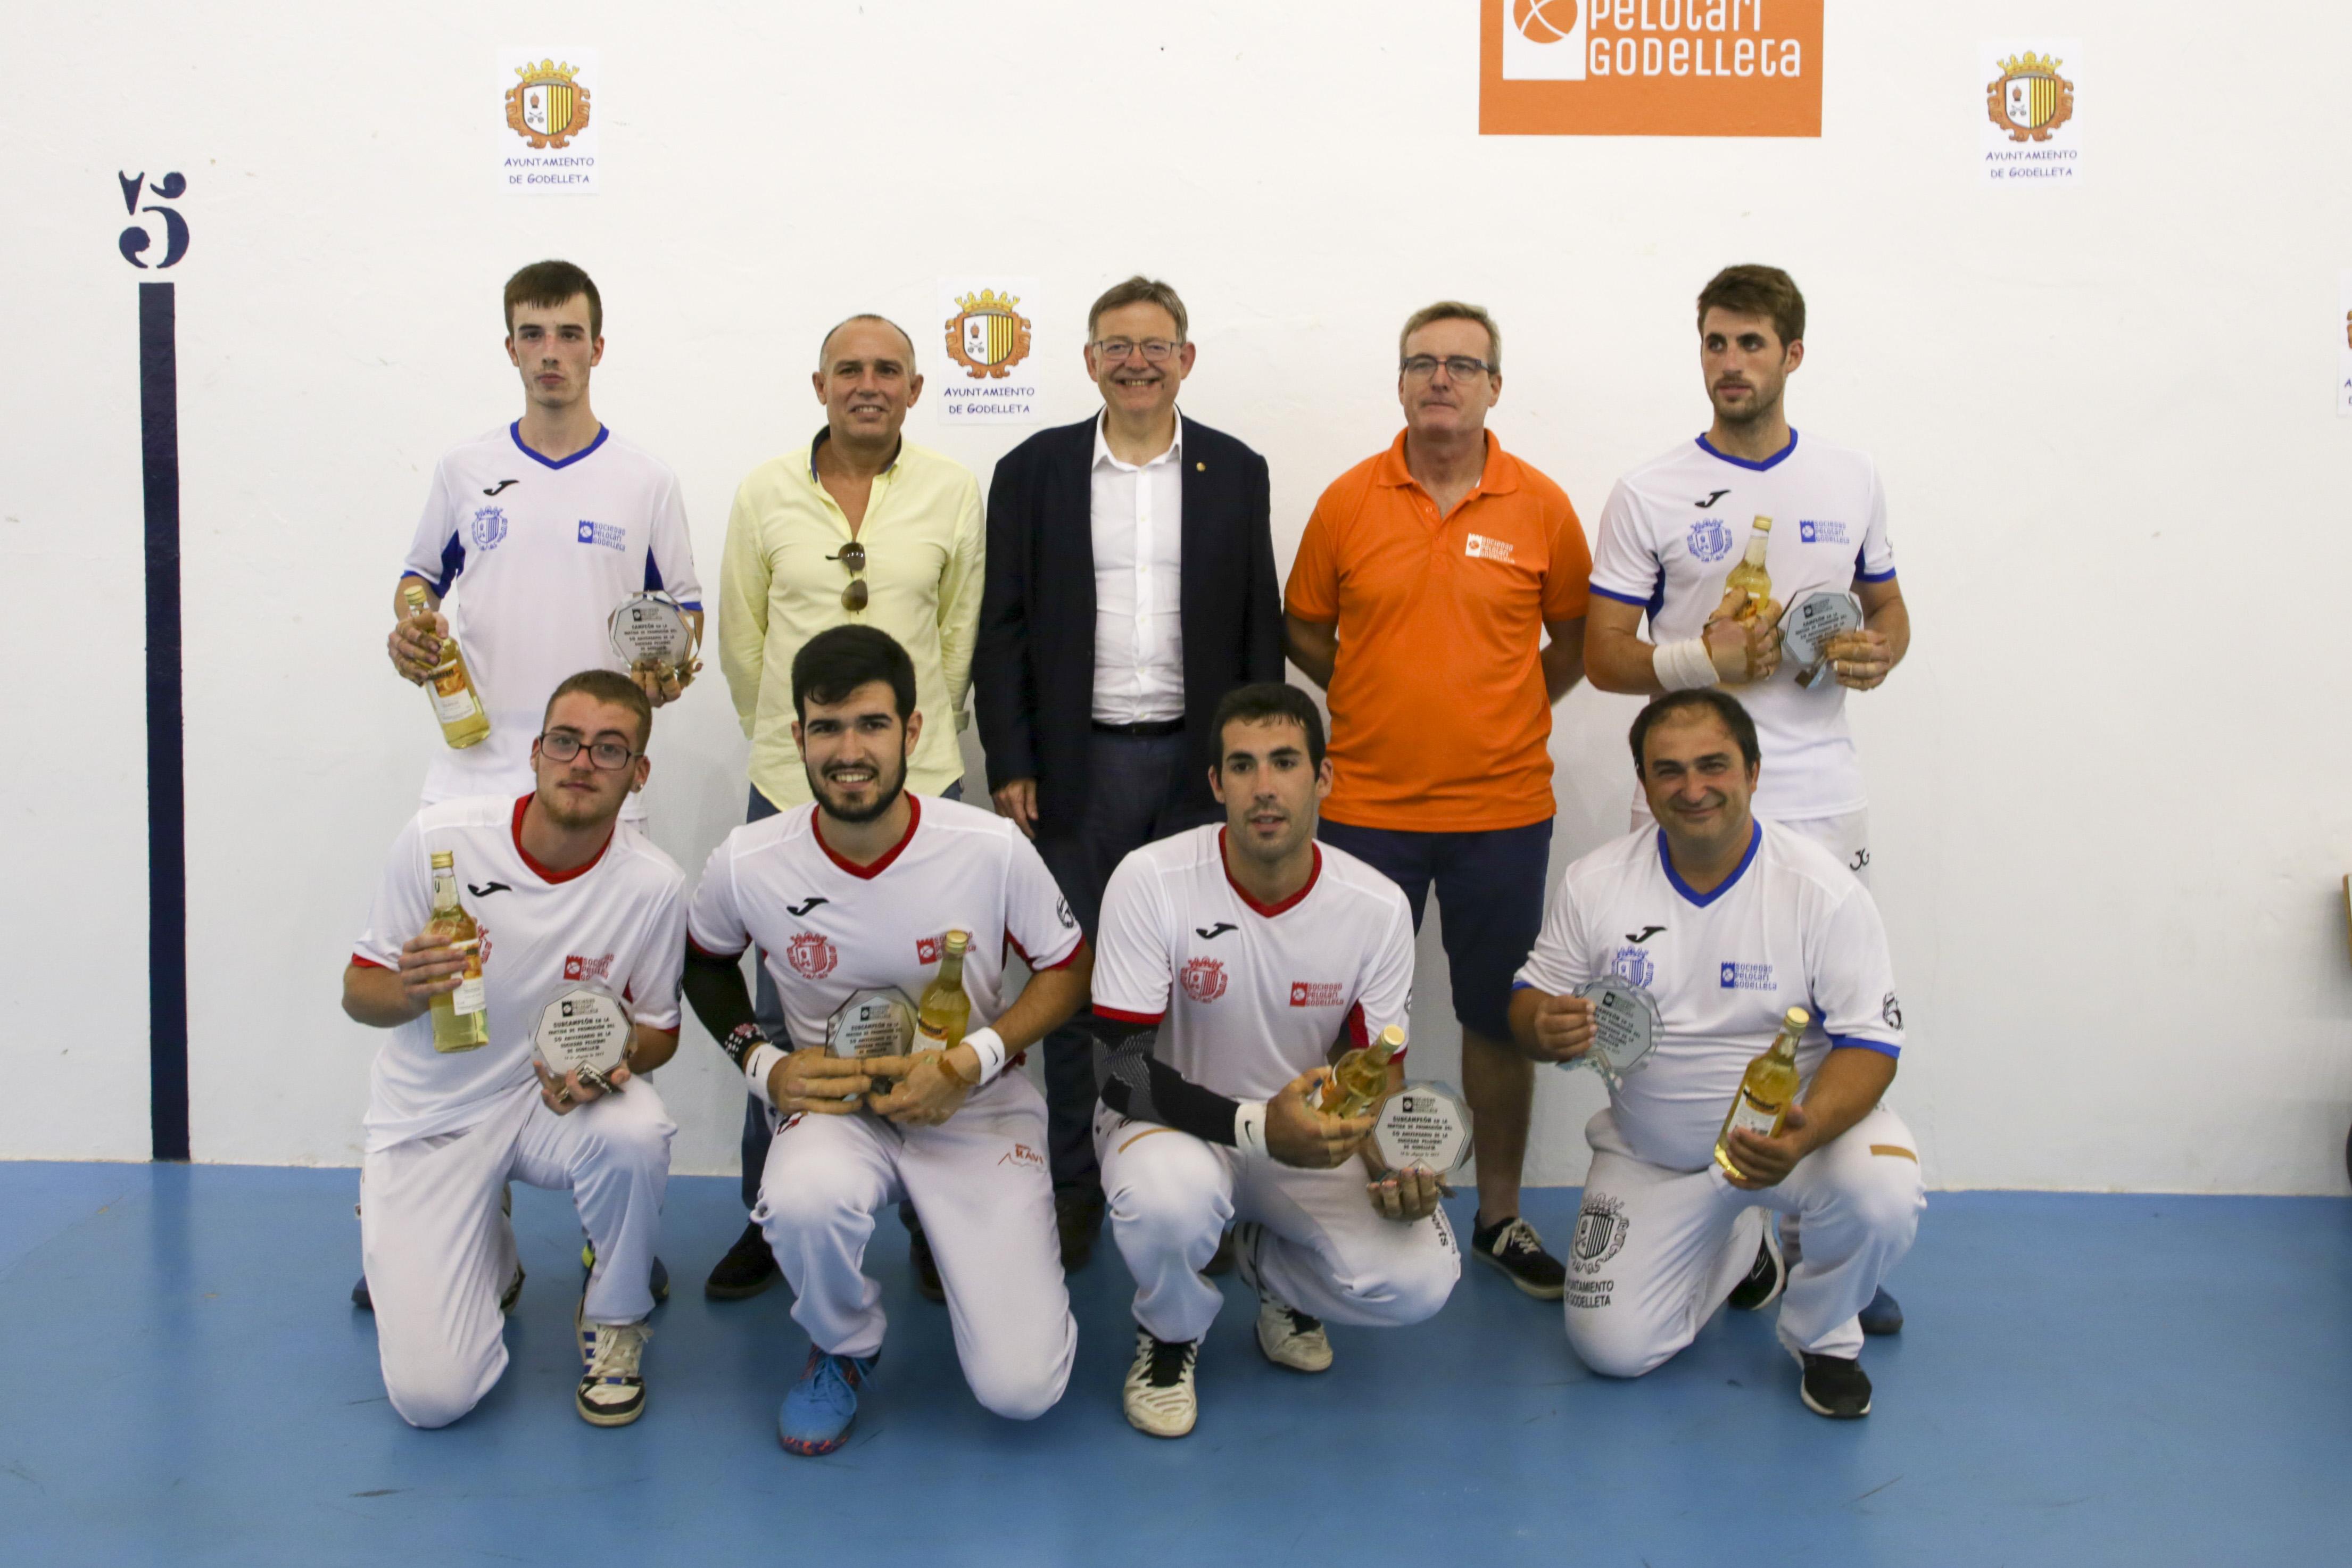 El President de la Generalitat durante la entrega de trofeos a los ganadores.